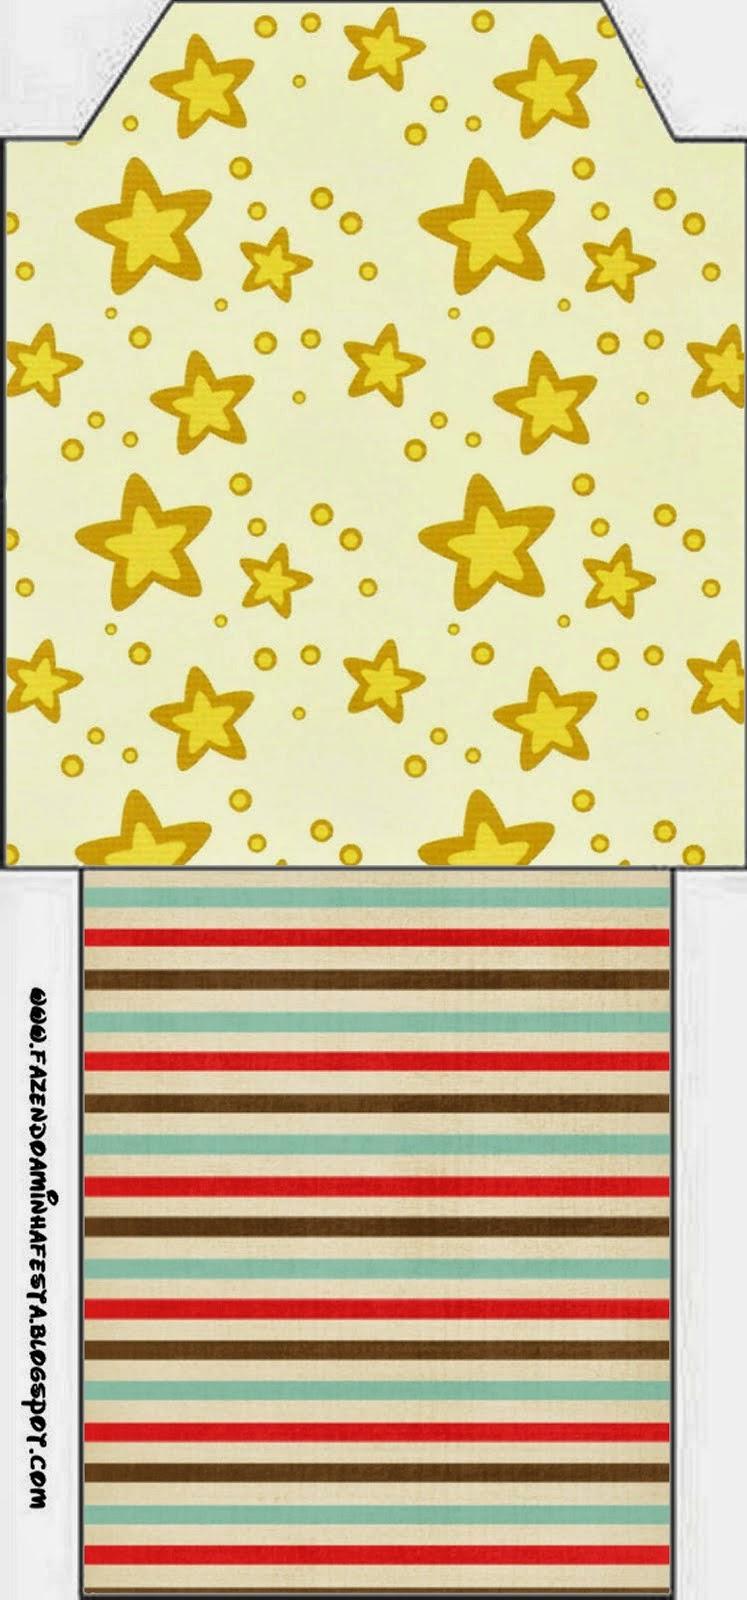 Bolsita de Té para Imprimir Gratis Estrellas Doradas y Rayas de Colores.